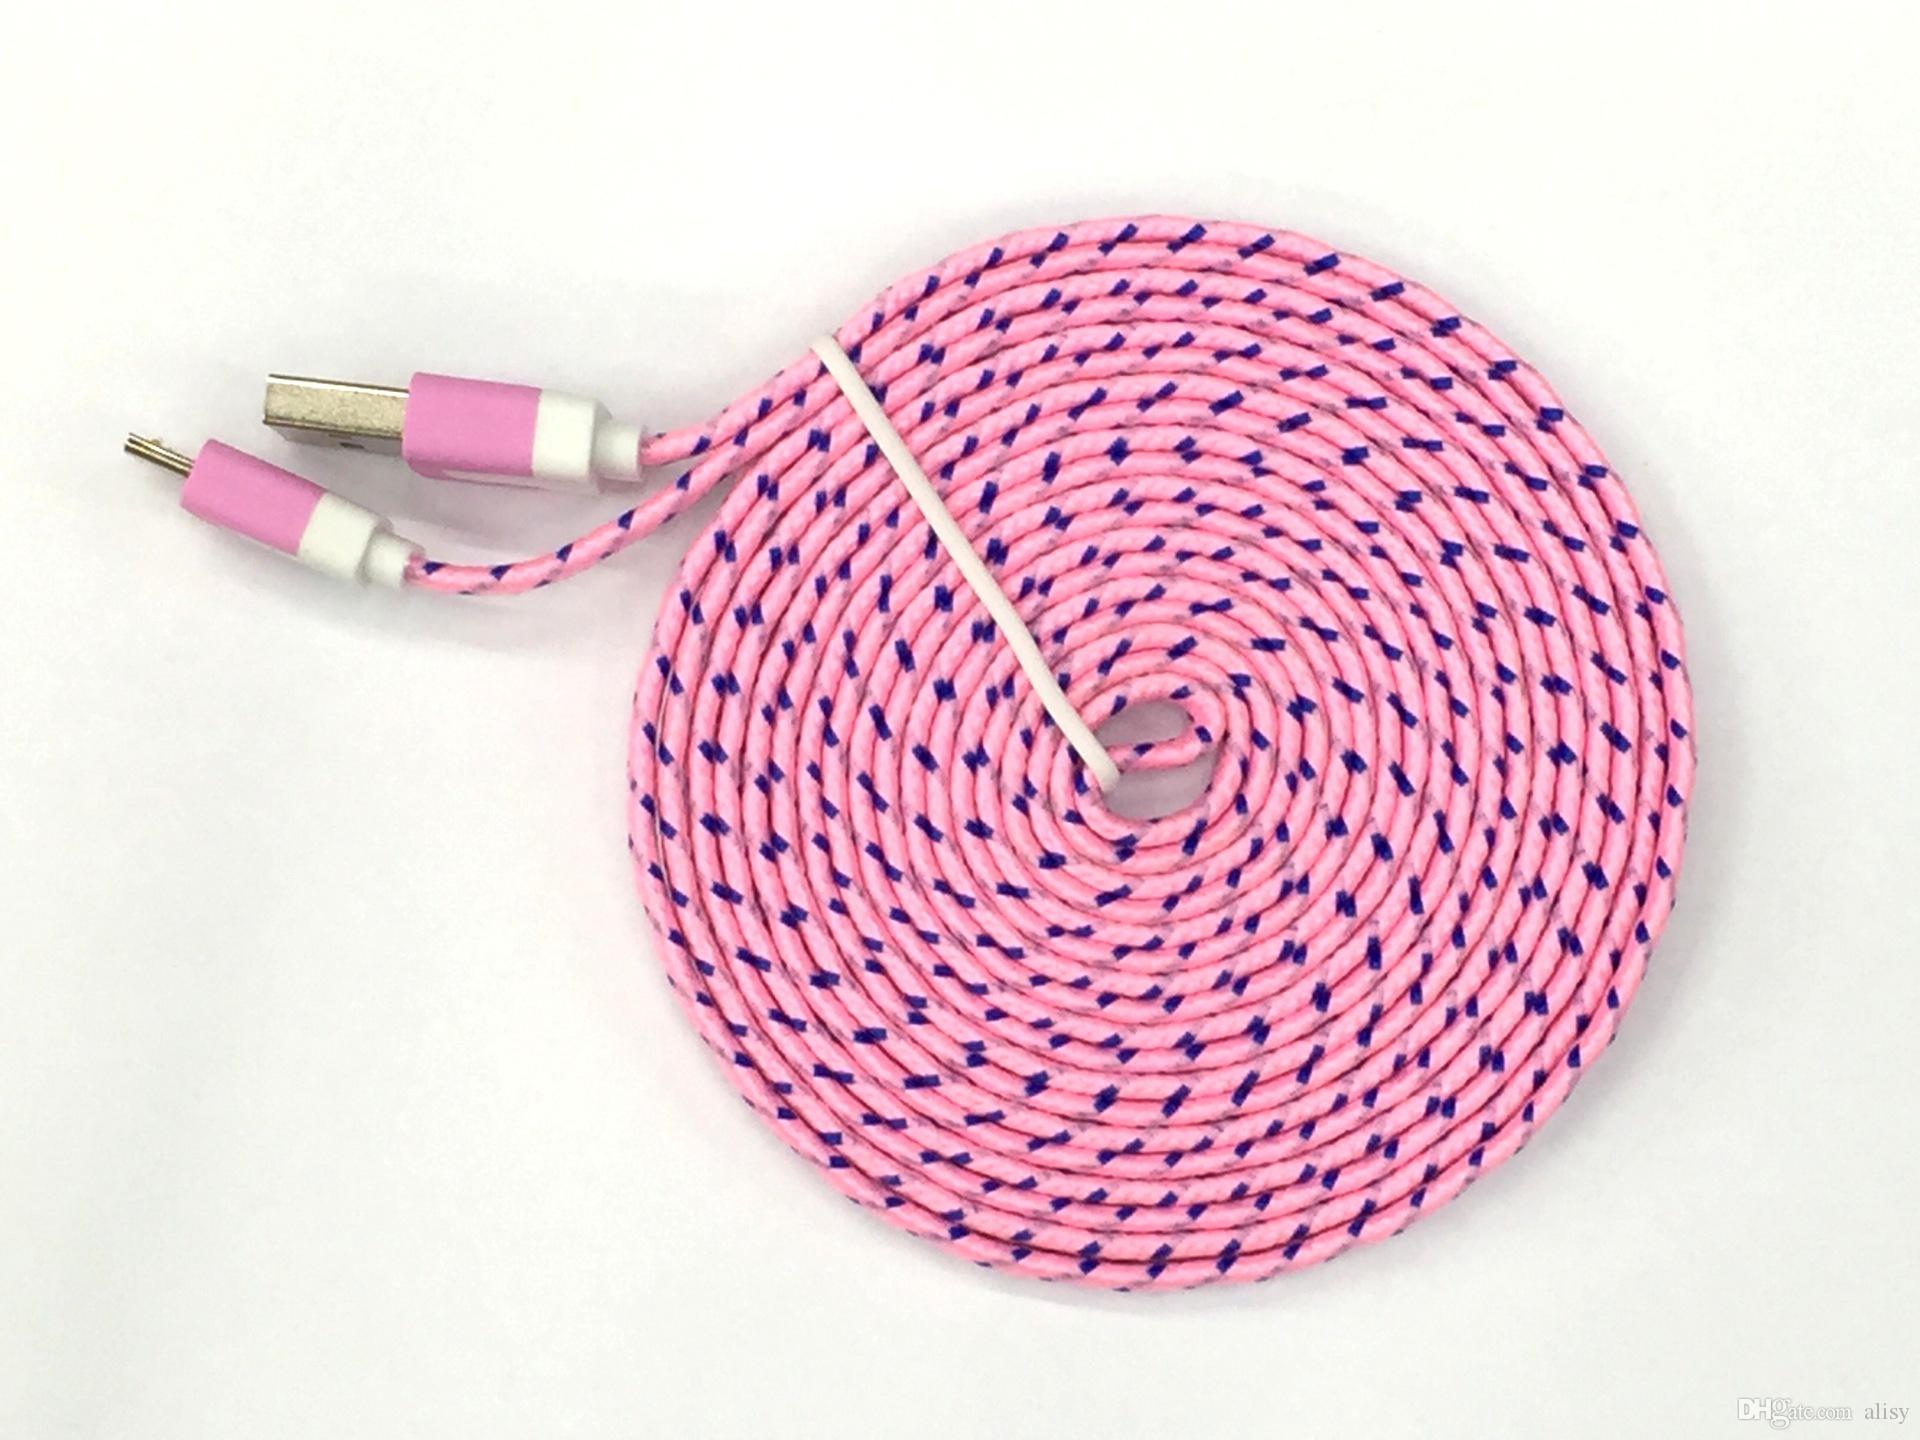 Corde de charge pour tresse plate 10FT 6ft 3FT Nouille 10 Ligne de câble de données de tissu tissé de sync de tissu micro fil Samsung S6 S7 EDGE